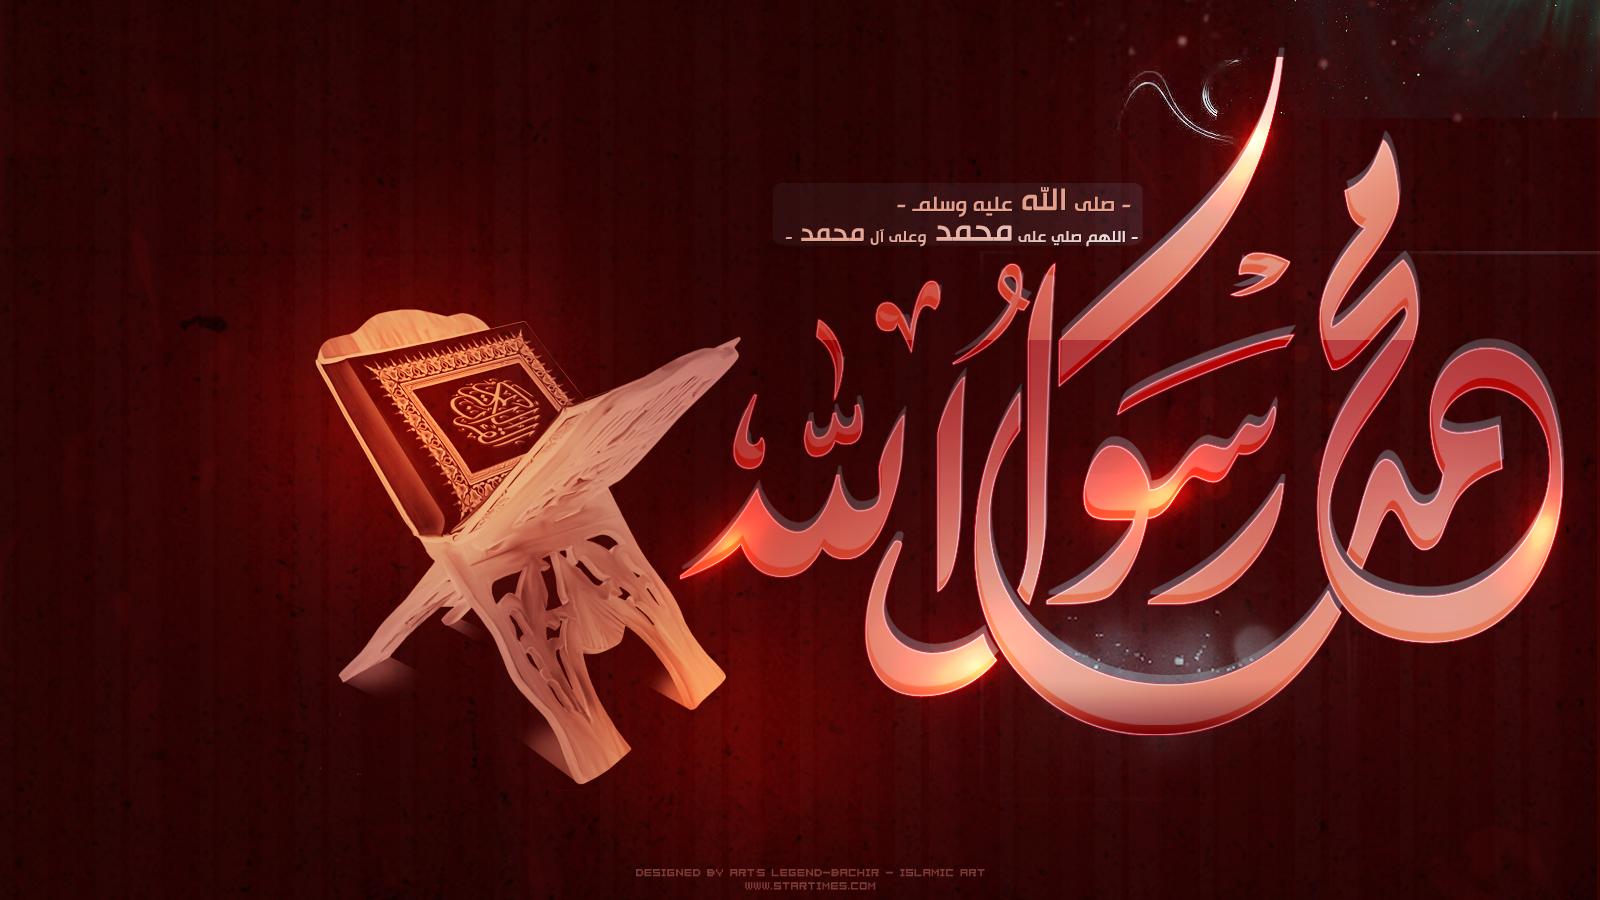 صورة عالية الجودة للتحميل محمد رسول الله صلى الله عليه و سلم Photo Marvel Superheroes Arabic